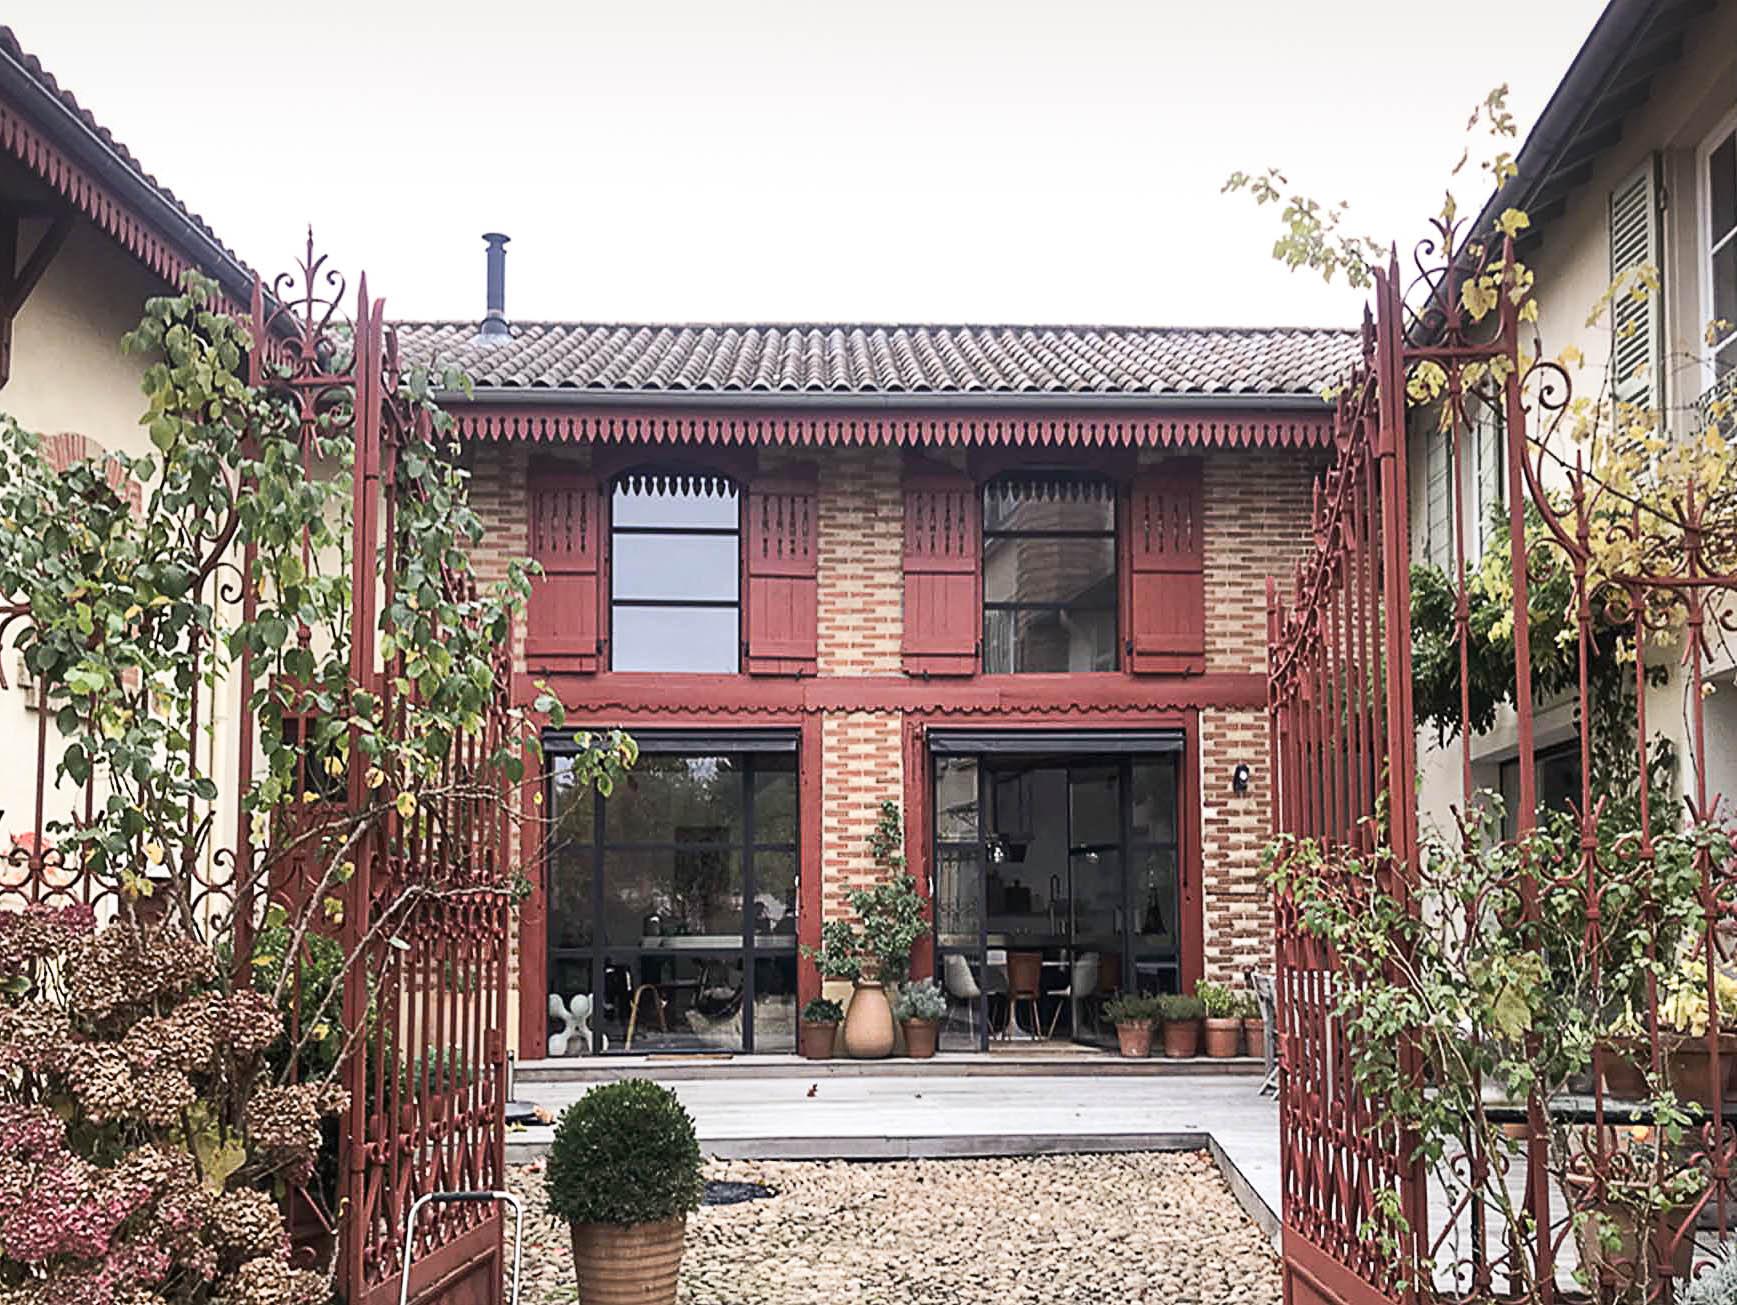 rénovation_lyon_aménagement_intérieur_architecte_grange_maison_décoration_intérieure-4